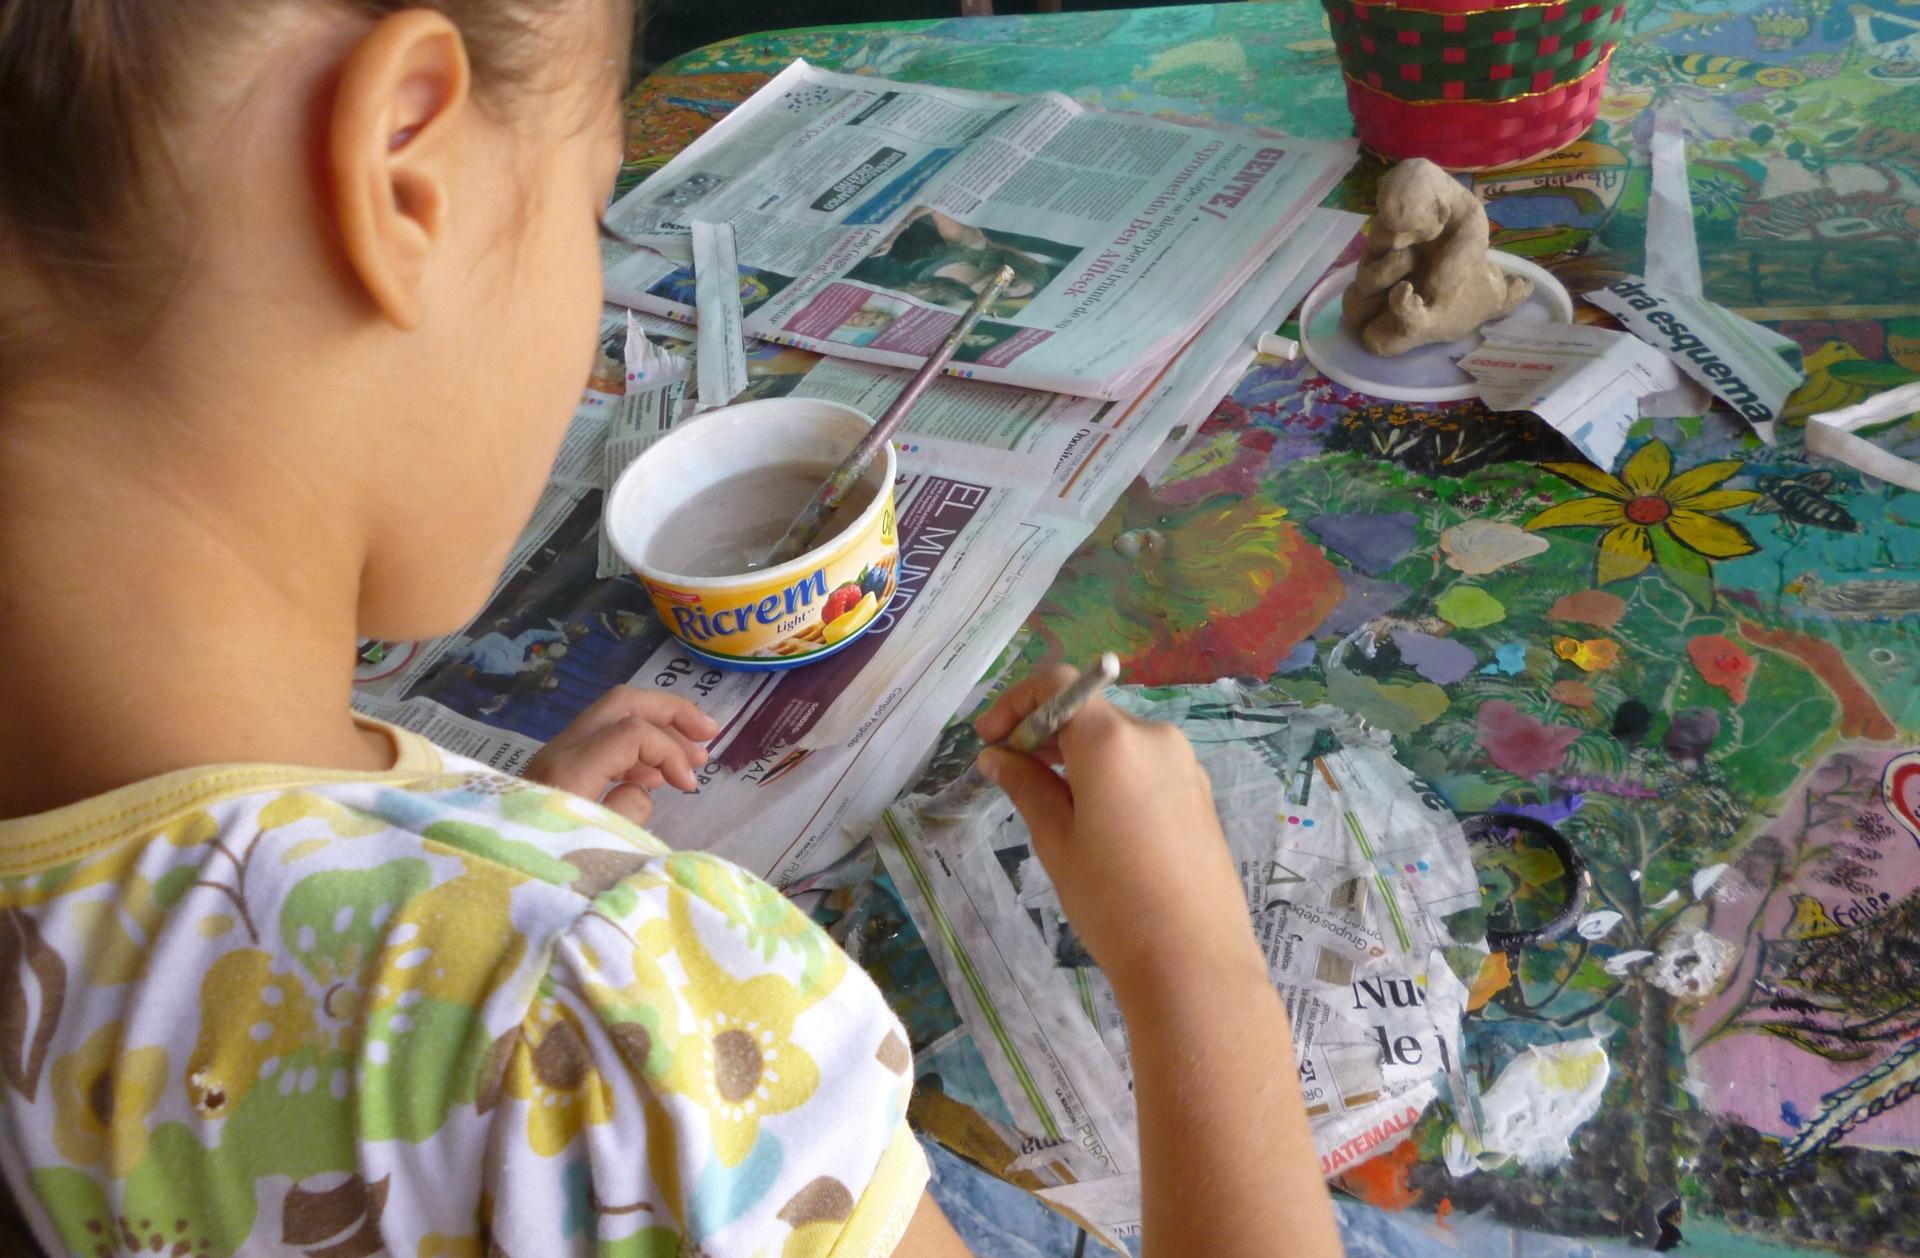 Menina pintando, com jornais no chão. Imagem ilustrativa texto formas de arte.